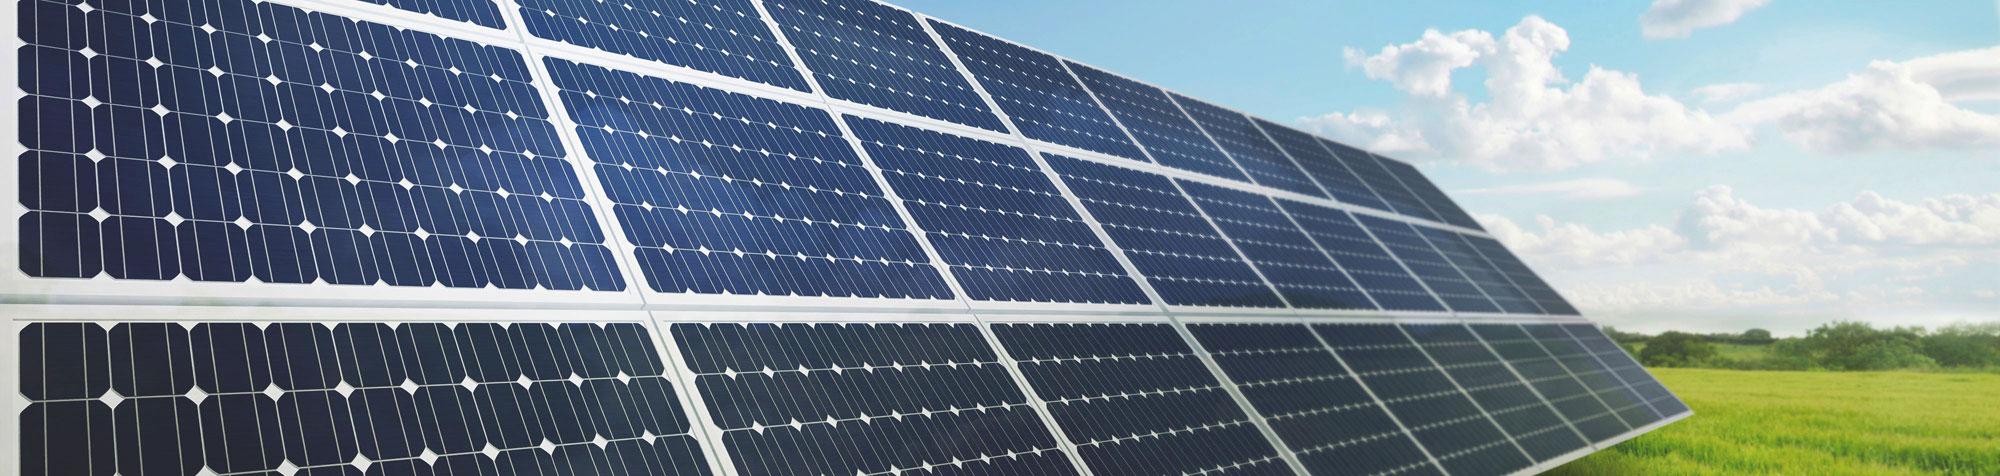 solarslider1